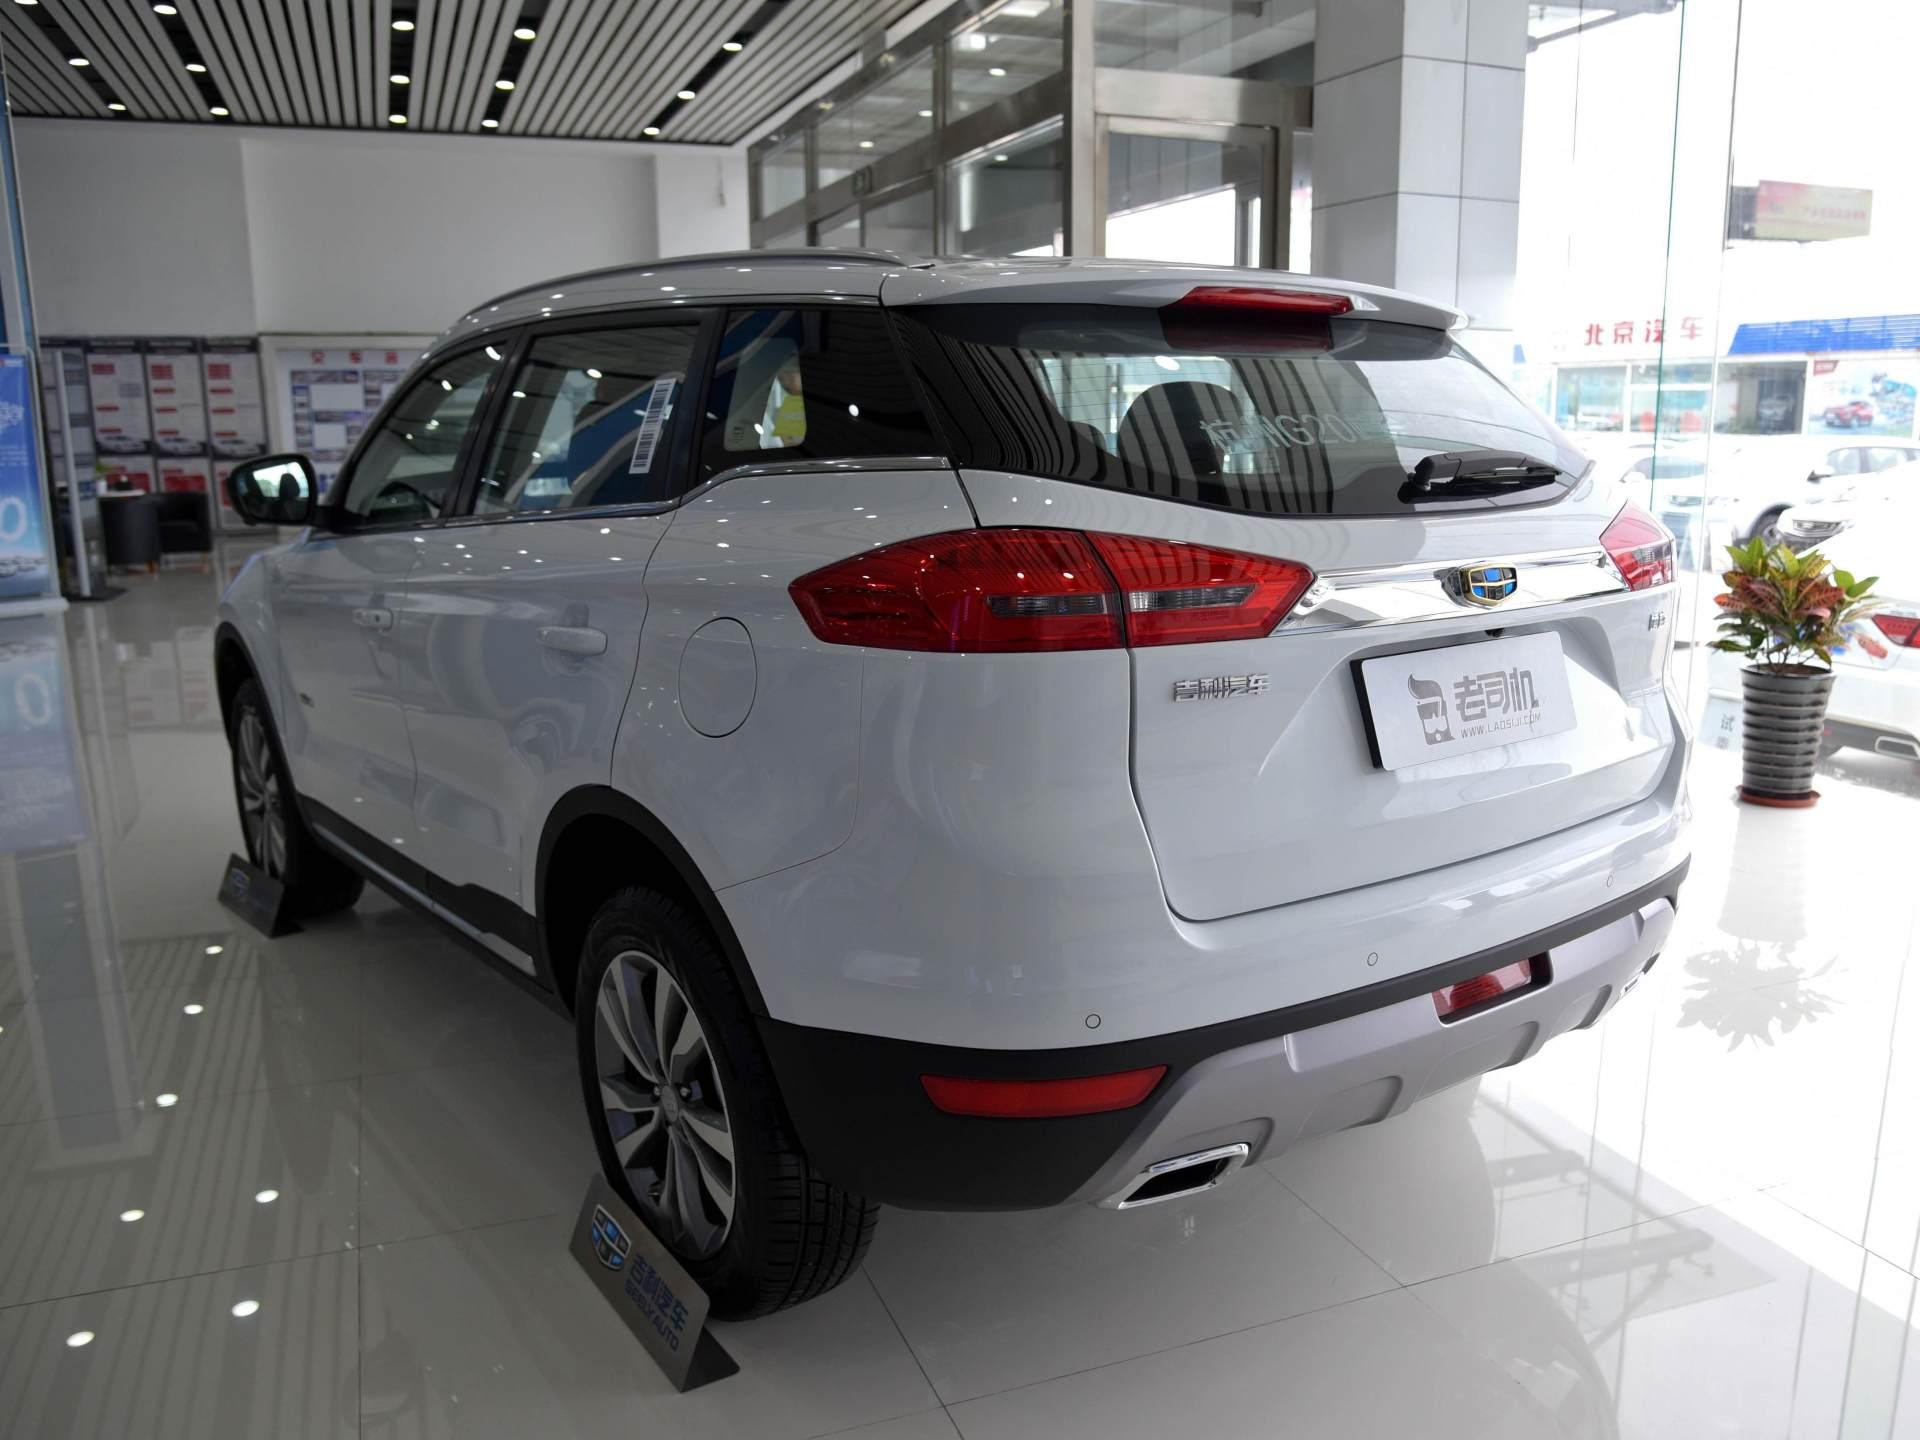 裸車10多萬入手這臺國產SUV,動力強空間大,油耗還可接受-圖3